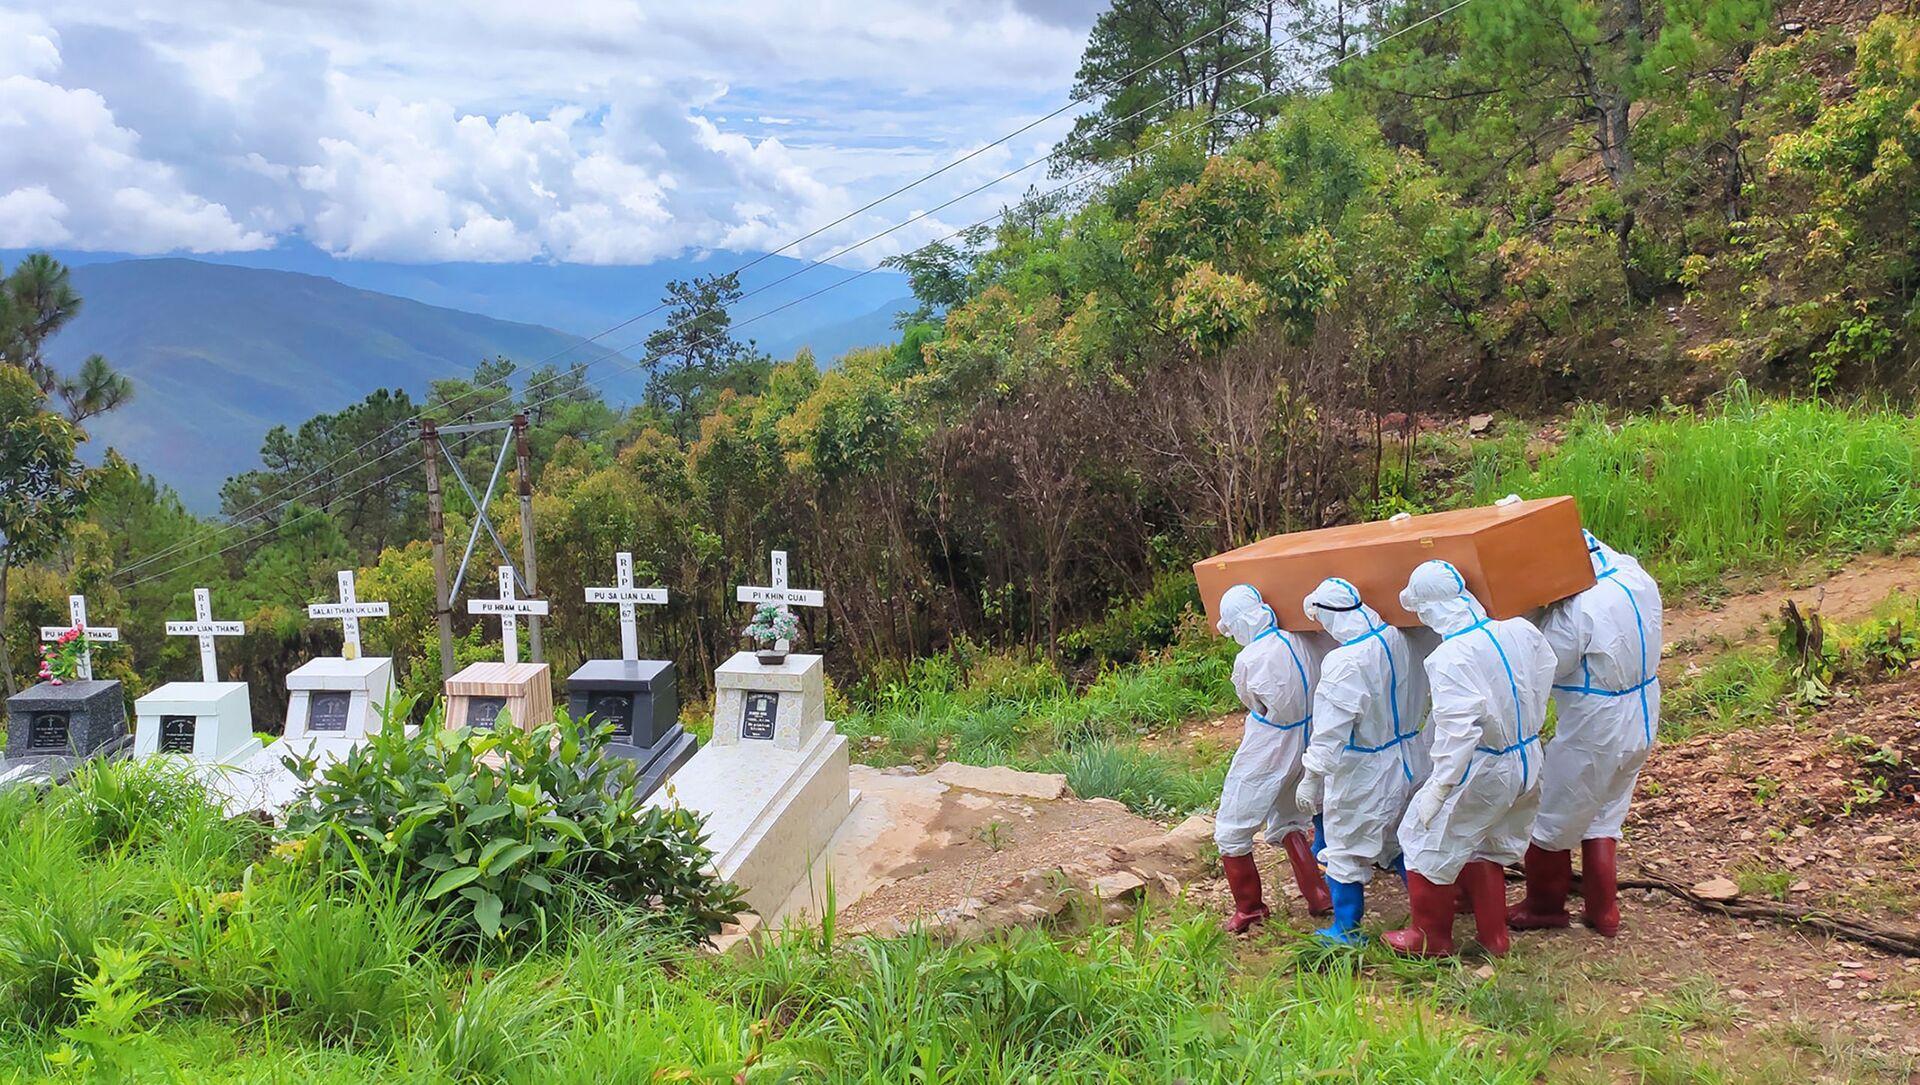 Mai táng người tử vong vì Covid-19 trong nghĩa trang ở Falam, Myanmar - Sputnik Việt Nam, 1920, 29.07.2021